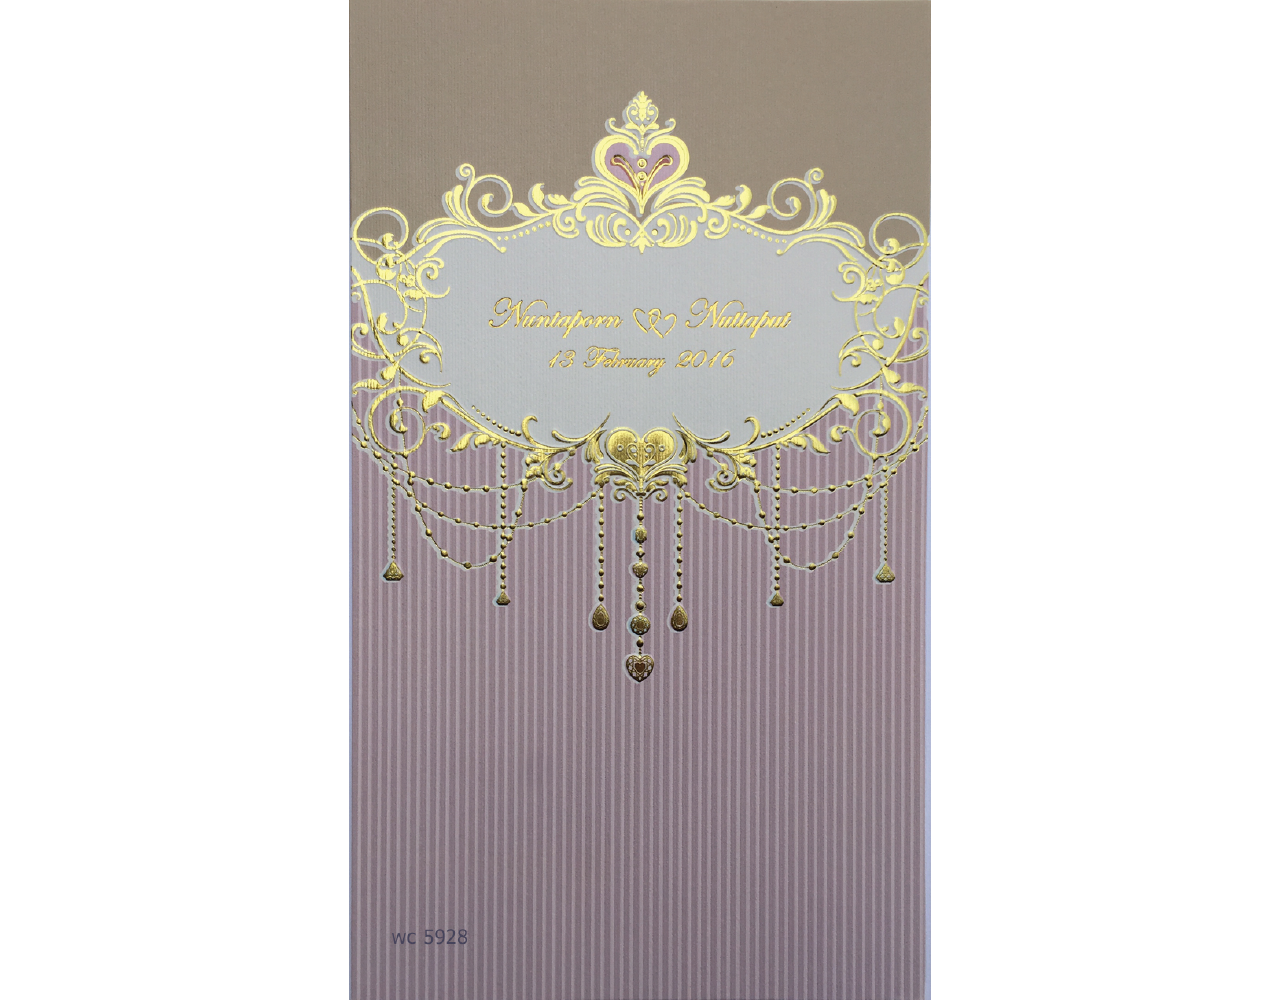 การ์ดแต่งงาน การ์ดเชิญสีชมพู 2 พับ wedding card 5x8.5 inch wc 5928